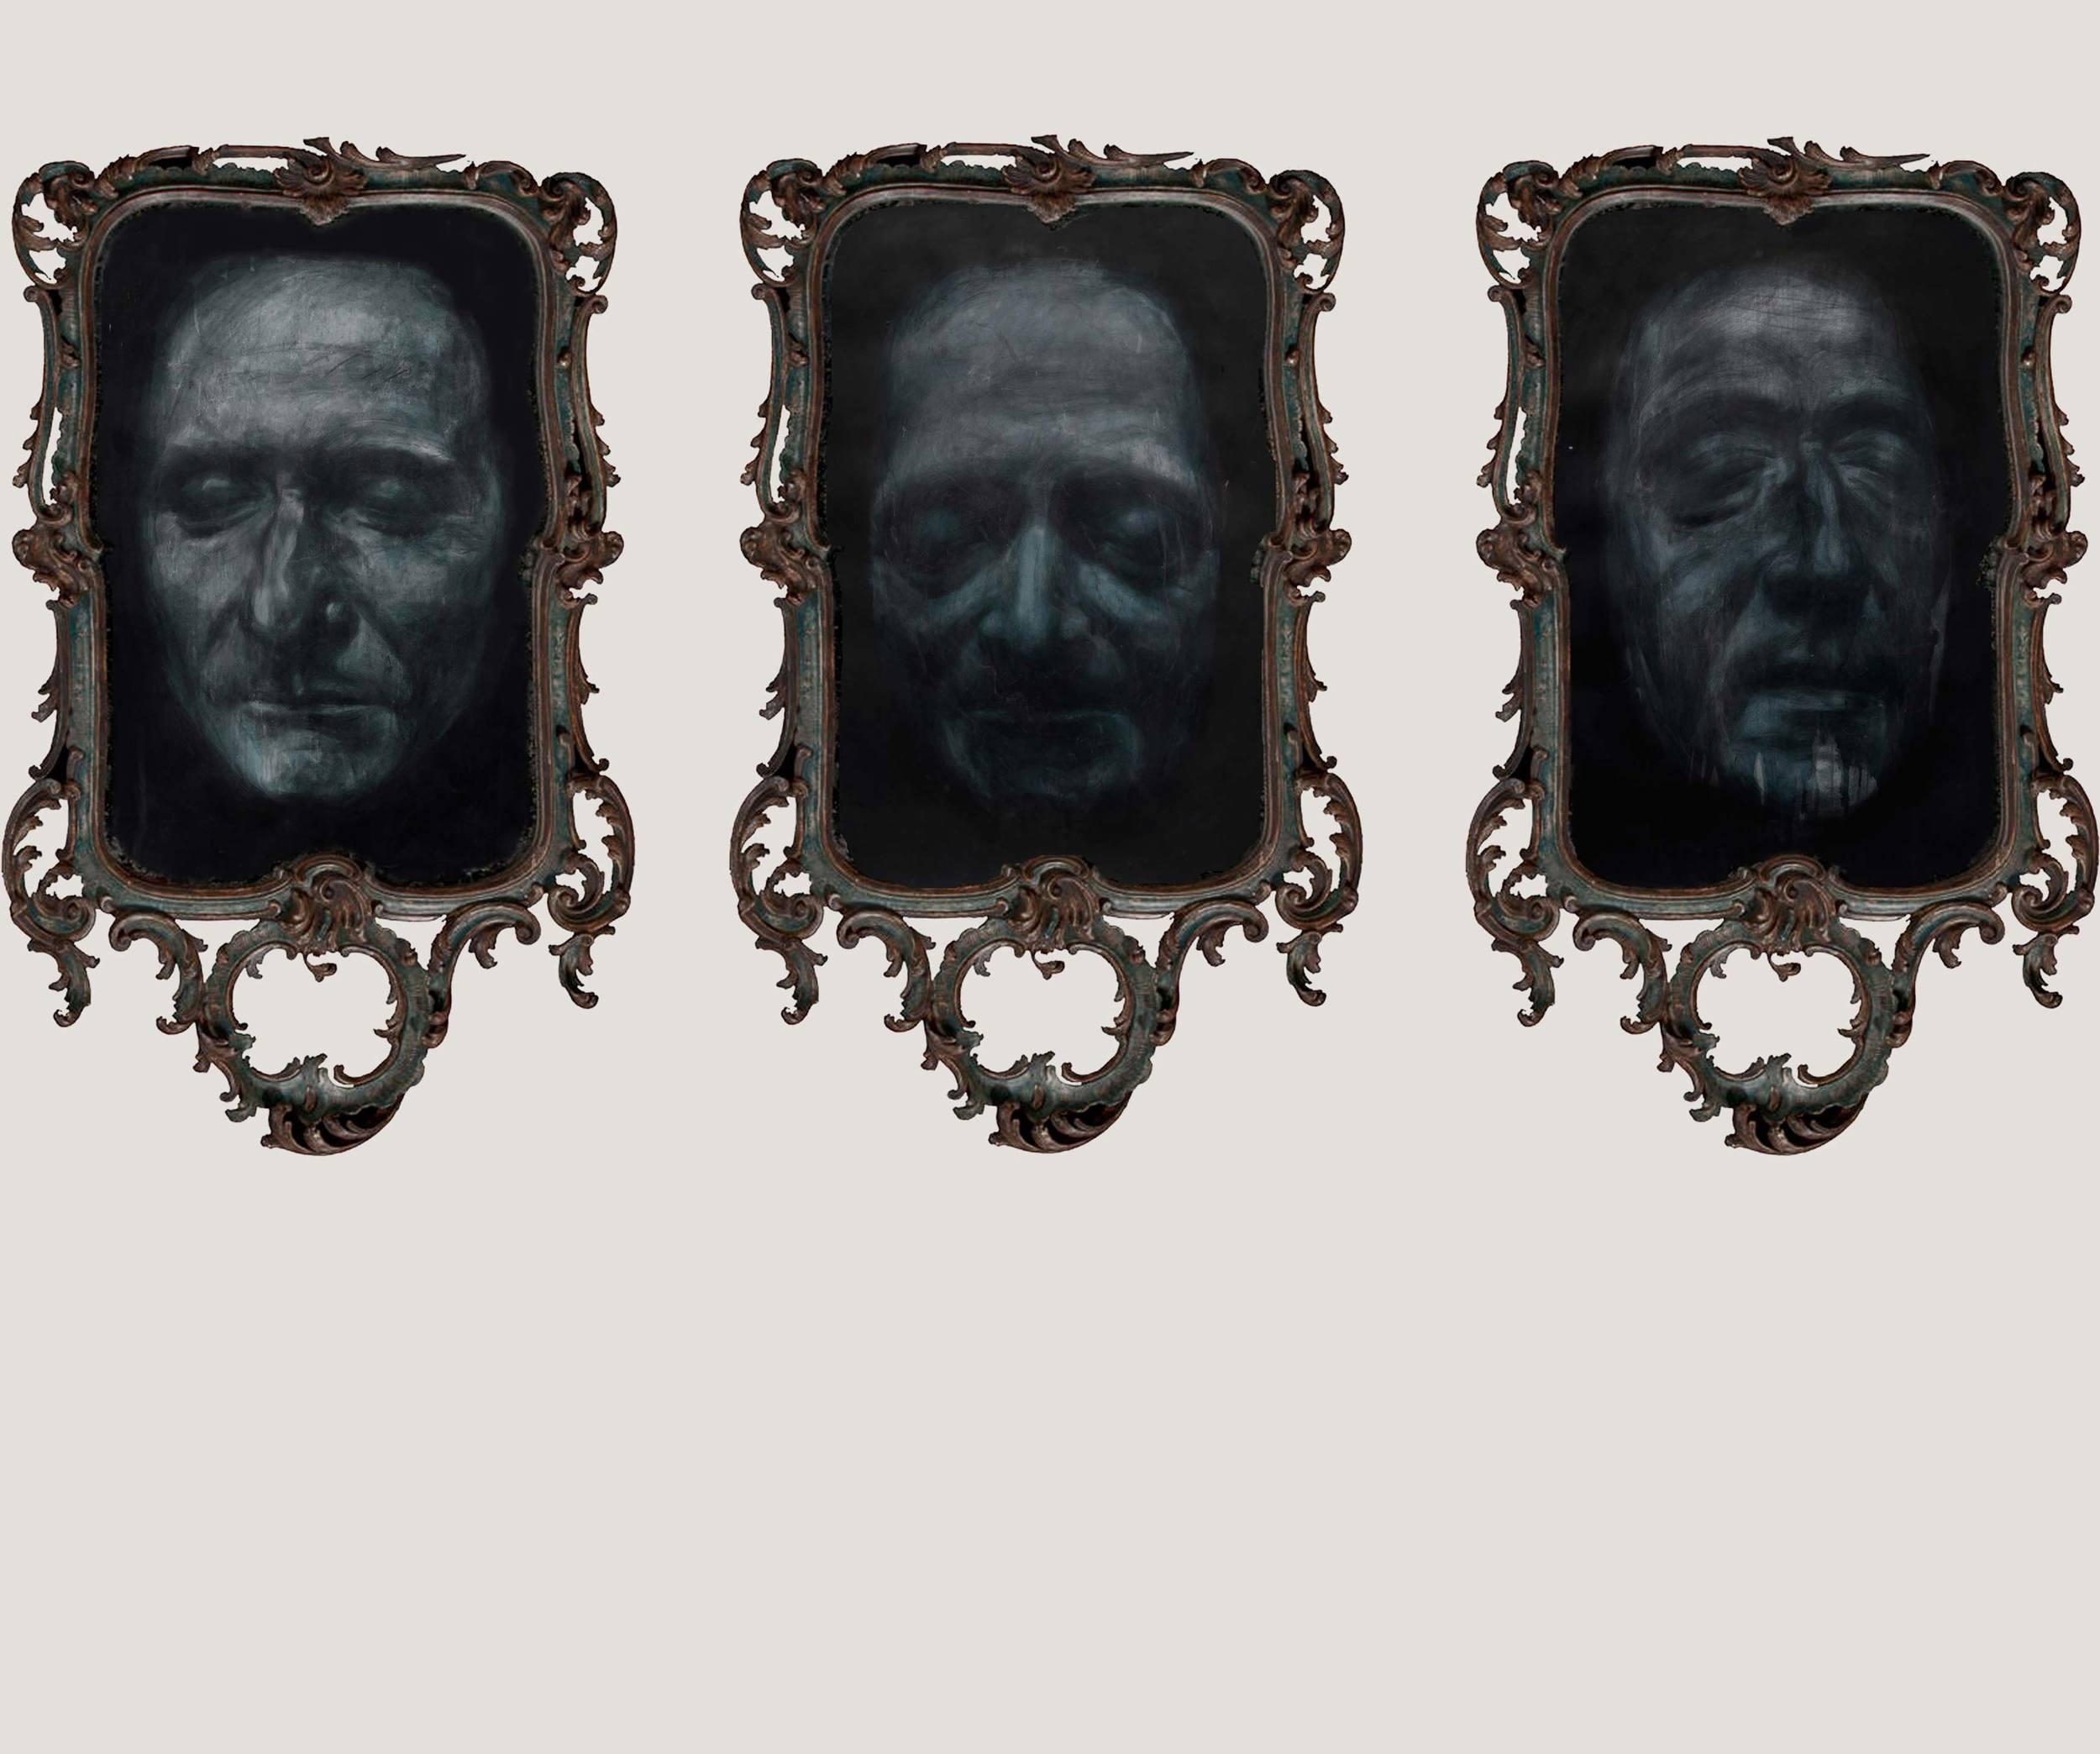 Apparition spirite des masques mortuaires de Jean-Jacques Rousseau, Voltaire et Denis Diderot Triptych, 2012 Charcoal, chalk and varnish on Heritage paper, 113.5 x 83.5 cm (each)